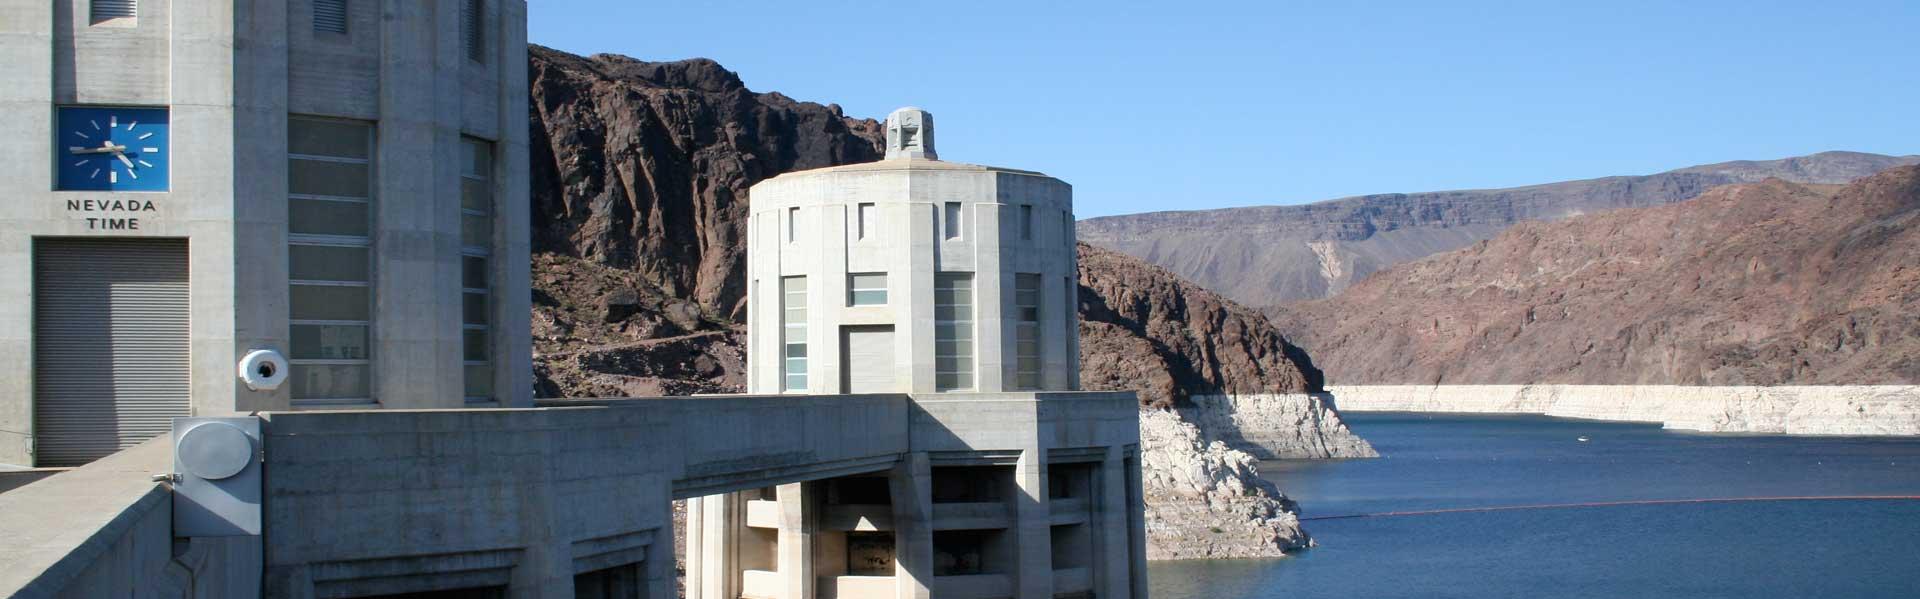 Grand Hoover Dam Tour